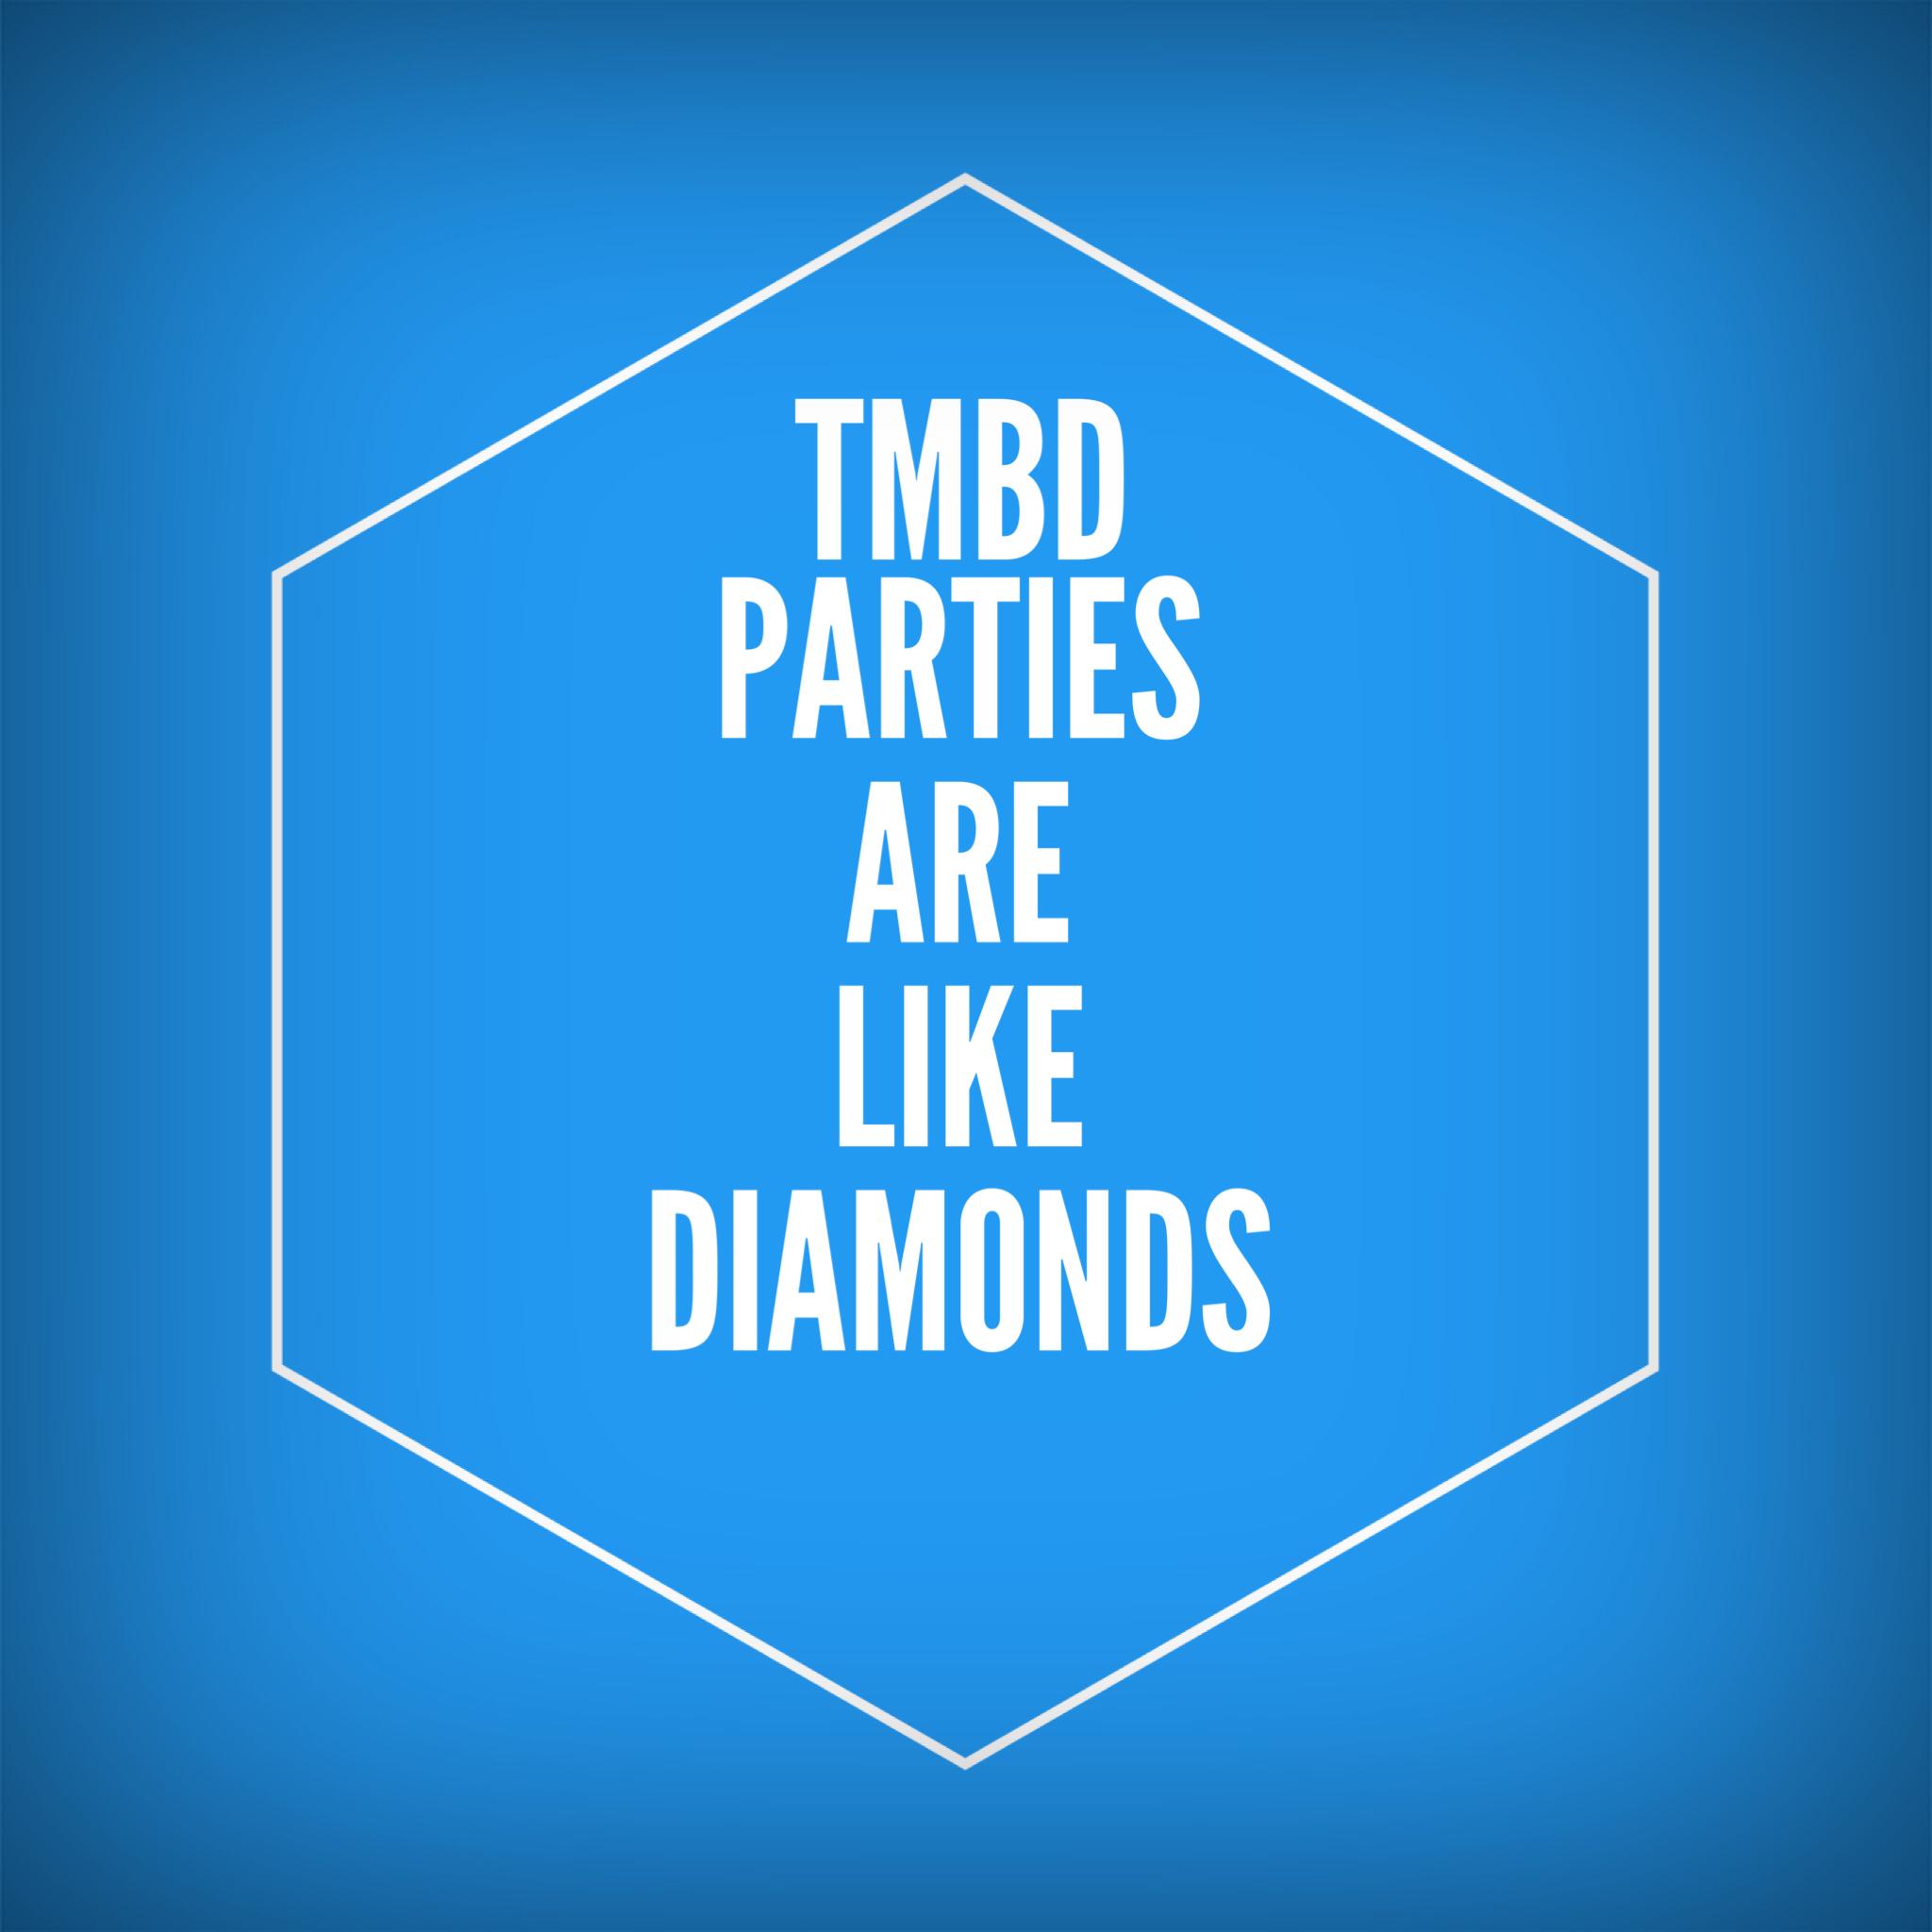 TMBD is the best dance studio in denver.